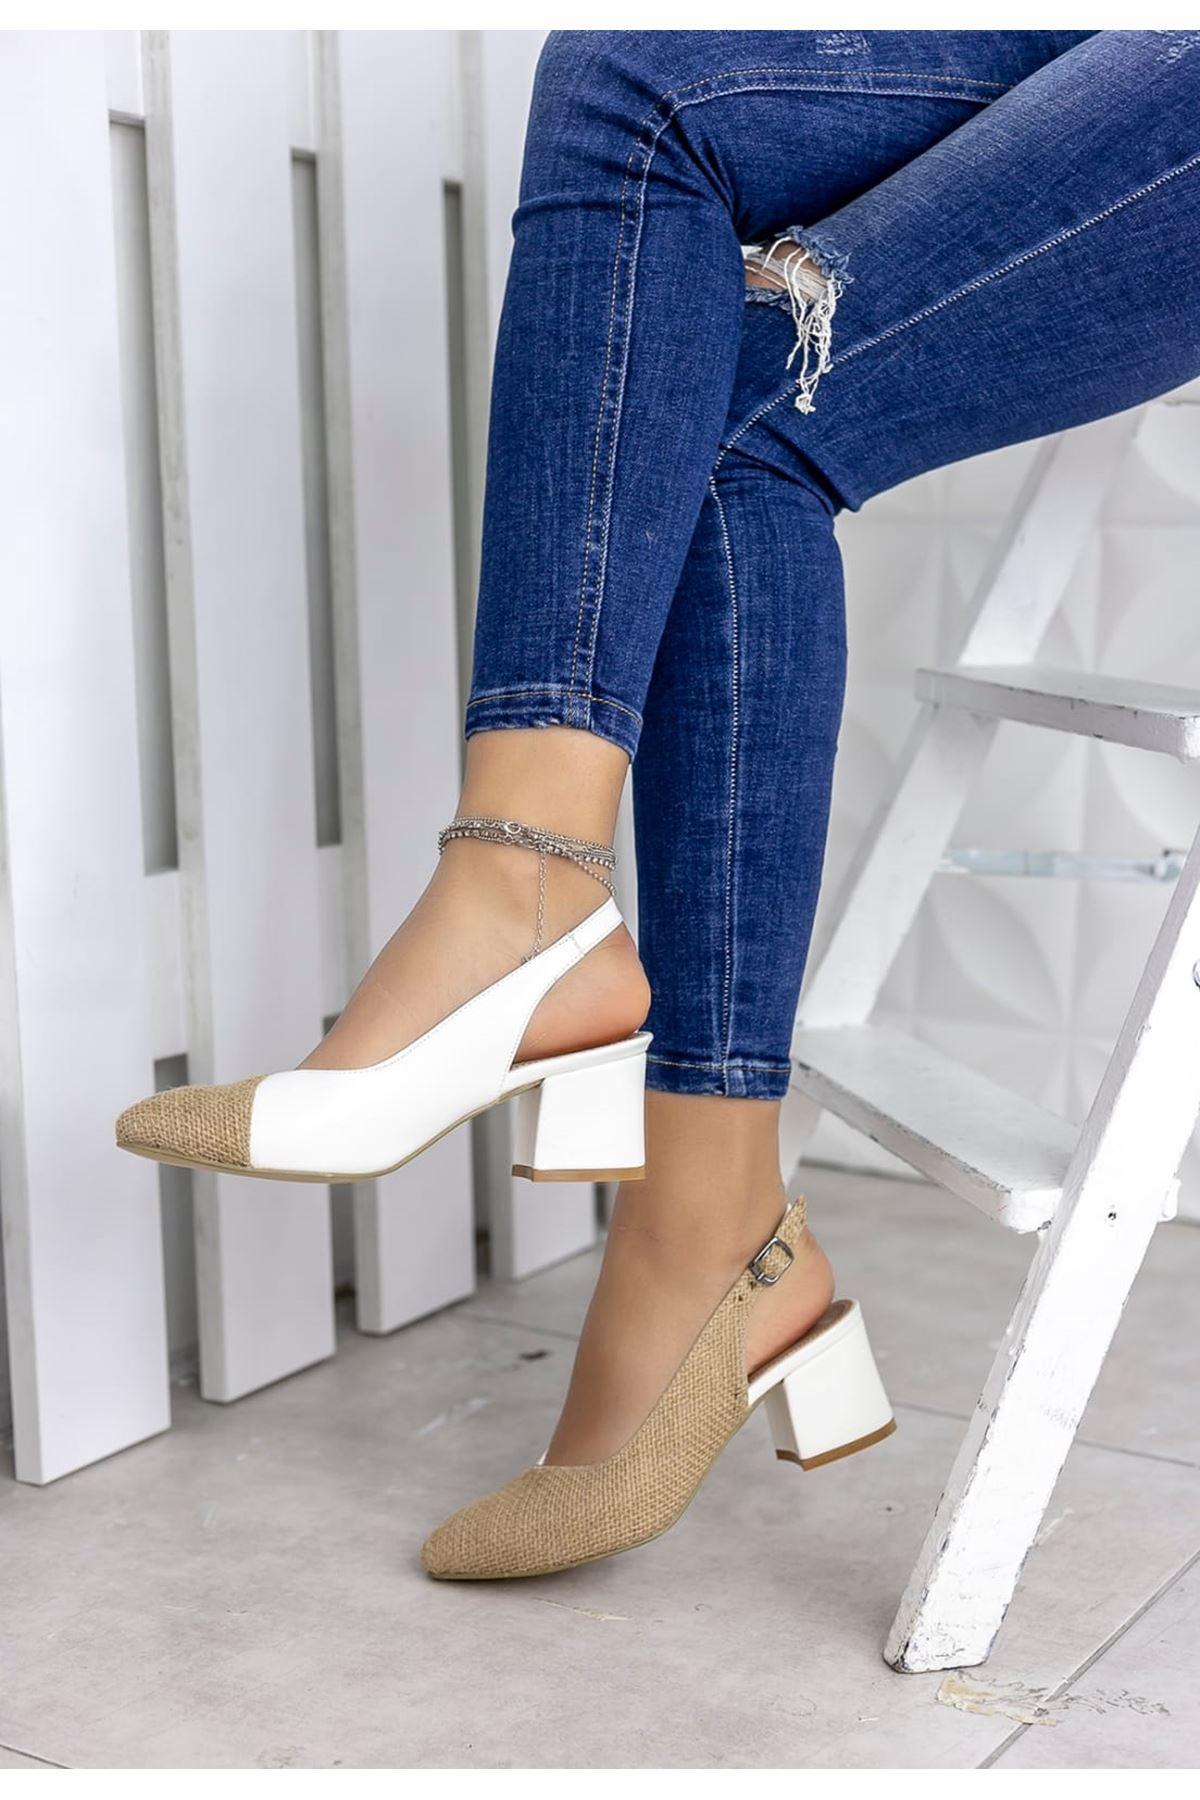 Diana Hasır Detay Sivri Burun Ayakkabı Beyaz